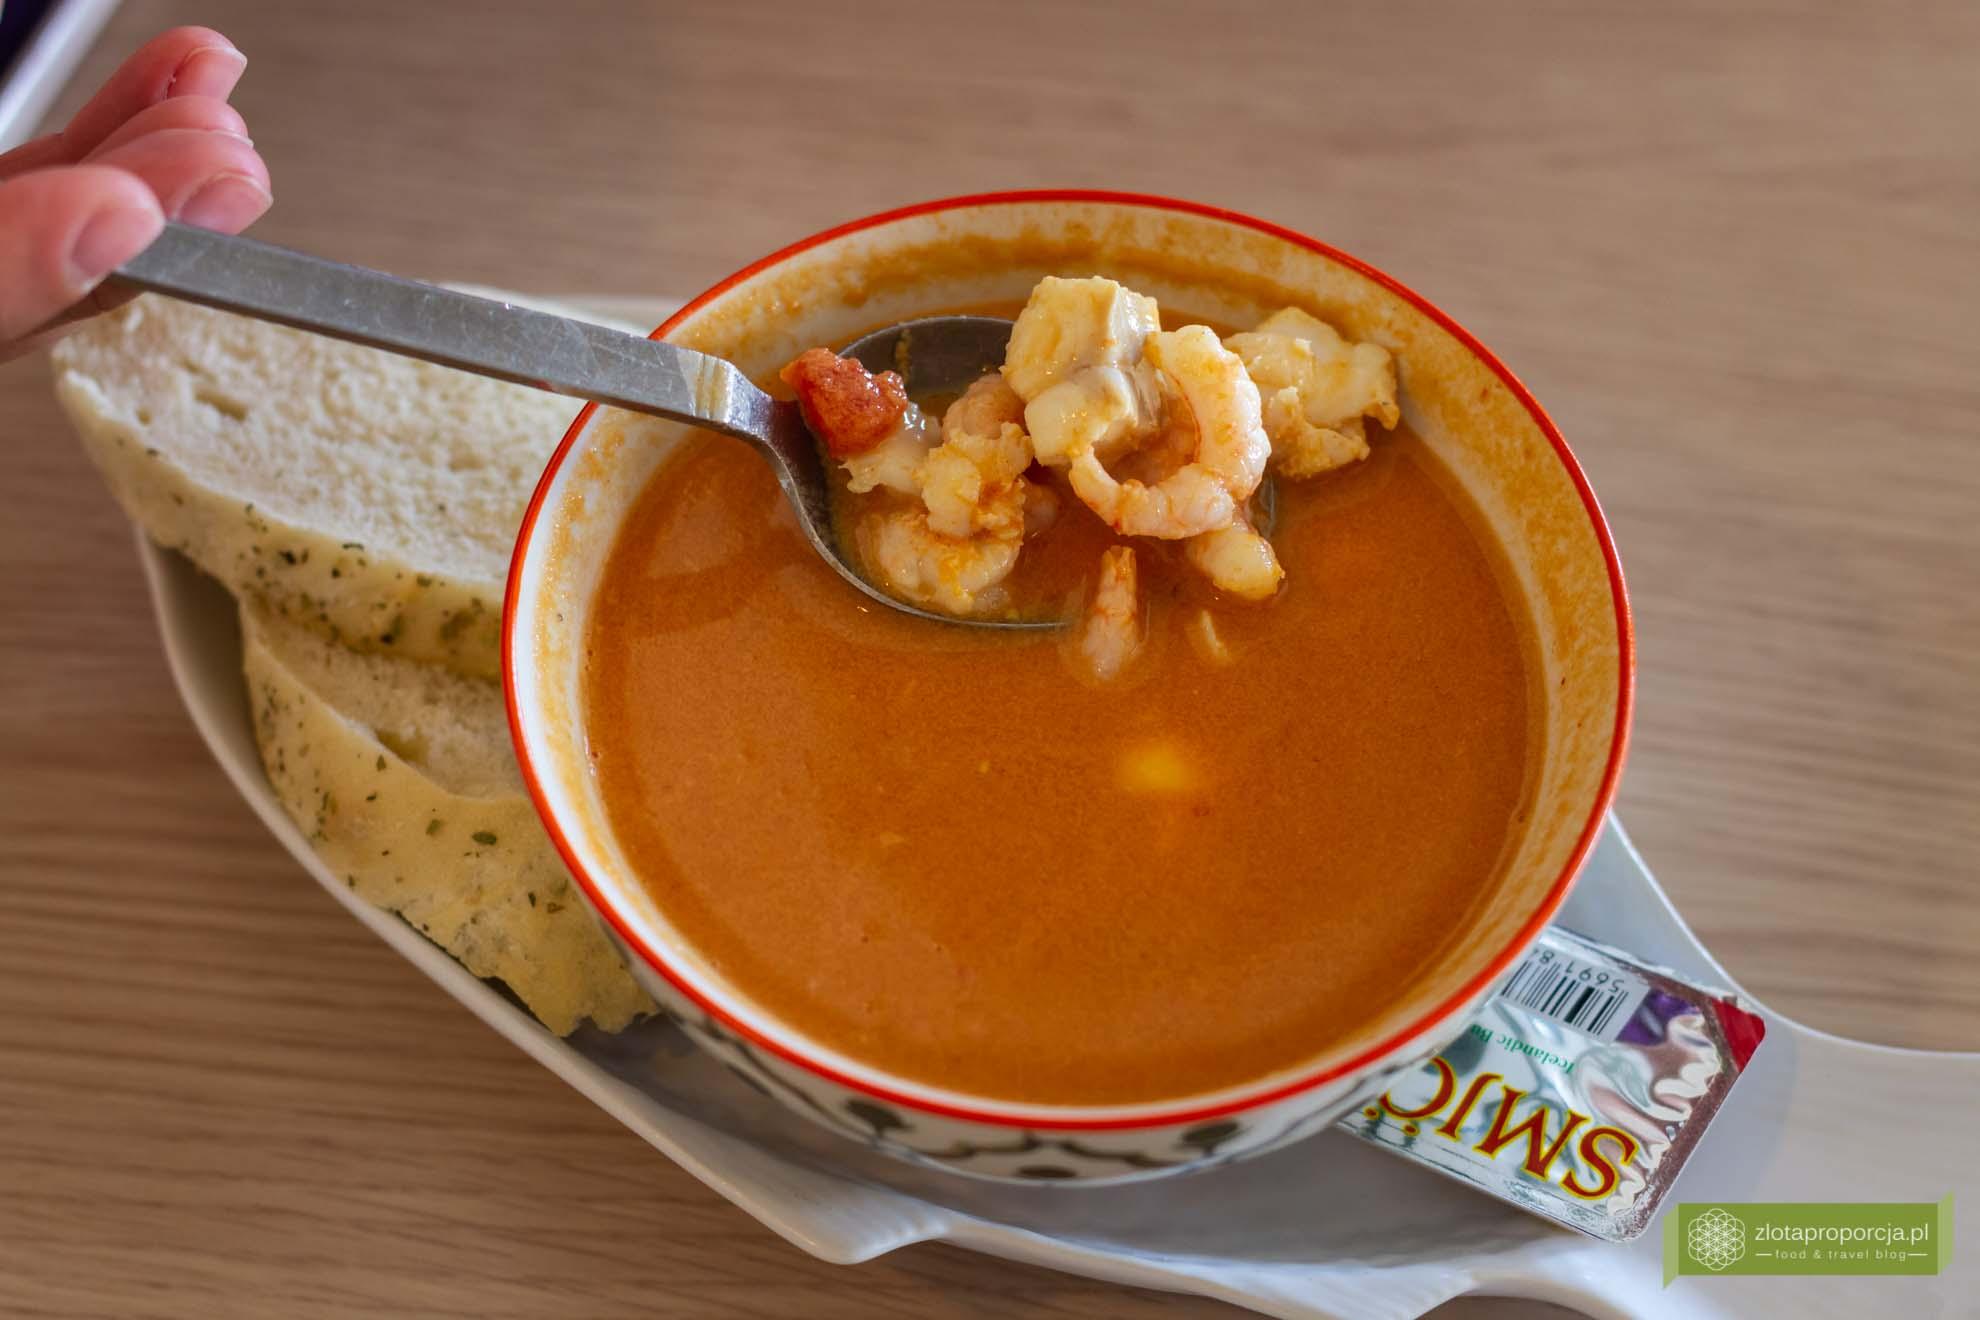 kuchnia islandii, kuchnia islnadzka, islandzkie potrawy, co zjeść na Islandii; islandzkie specjały; islandzka zupa rybna;